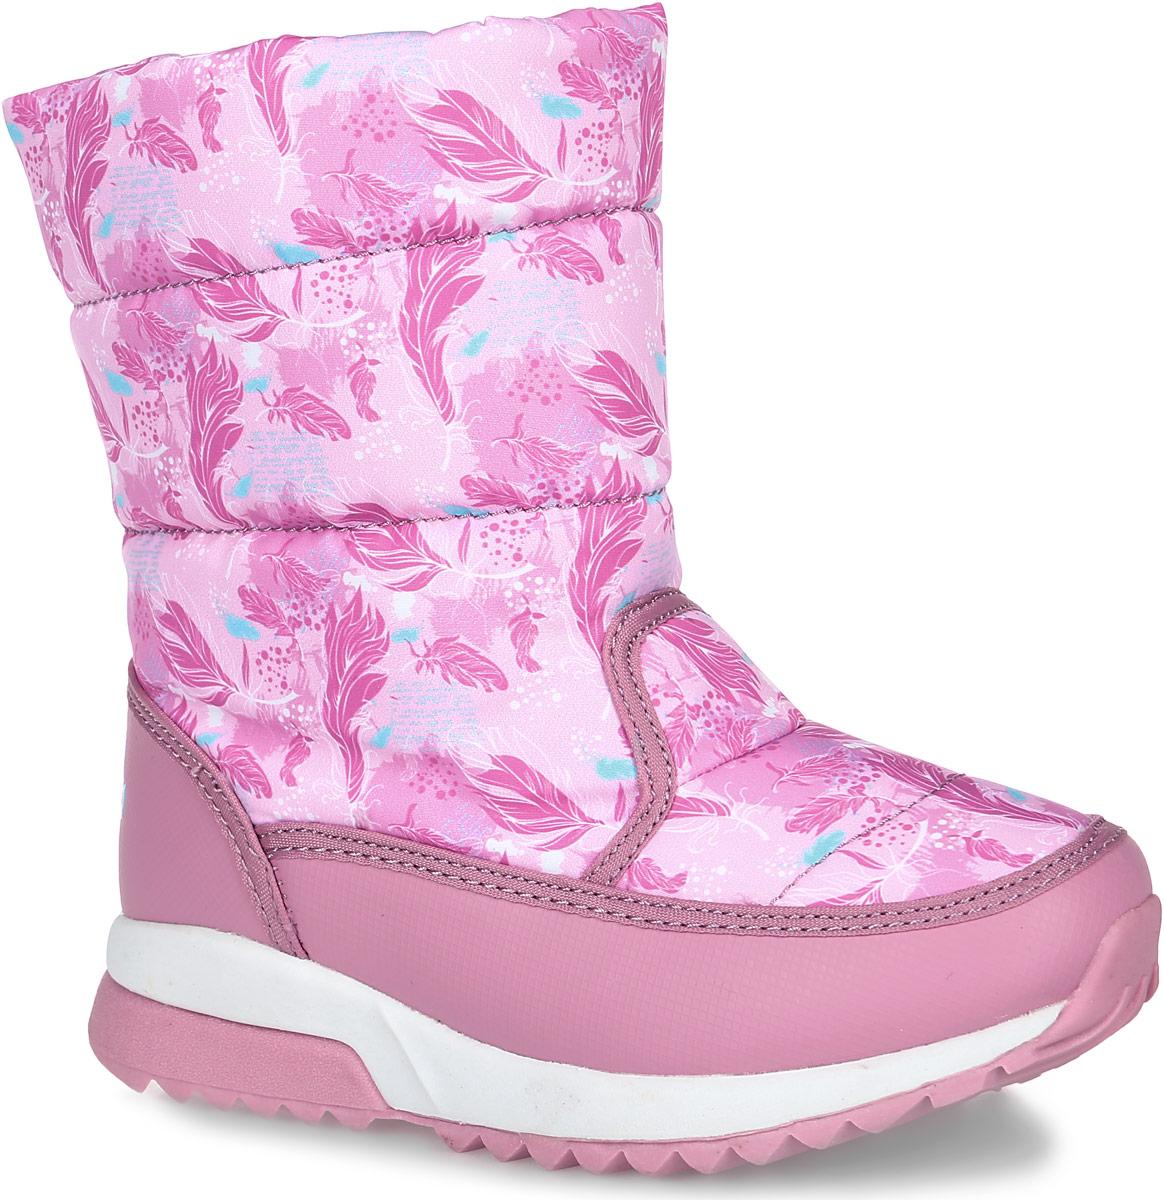 Дутики для девочки Kapika, цвет: розовый. 724д-1. Размер 31724д-1Дутики для девочки от Kapika выполнены из текстильного материала и дополнены вставками из искусственной кожи. Модель оформлена оригинальным принтом в виде перышек. Сбоку расположена застежка-молния, которая облегчит процесс обувания. Стелька, изготовленная из текстильного материала на 30% состоящего из шерсти, отлично сохраняет тепло и надежно защищает от холода, а также создаёт условия для удобного и долговечного использования. Рифленая подошва из ЭВА-материала обеспечивает отличную амортизацию и поглощение ударов и гарантирует отличное сцепление с любой поверхностью, а вставки из материала ТЭП повысят износостойкость подошвы.